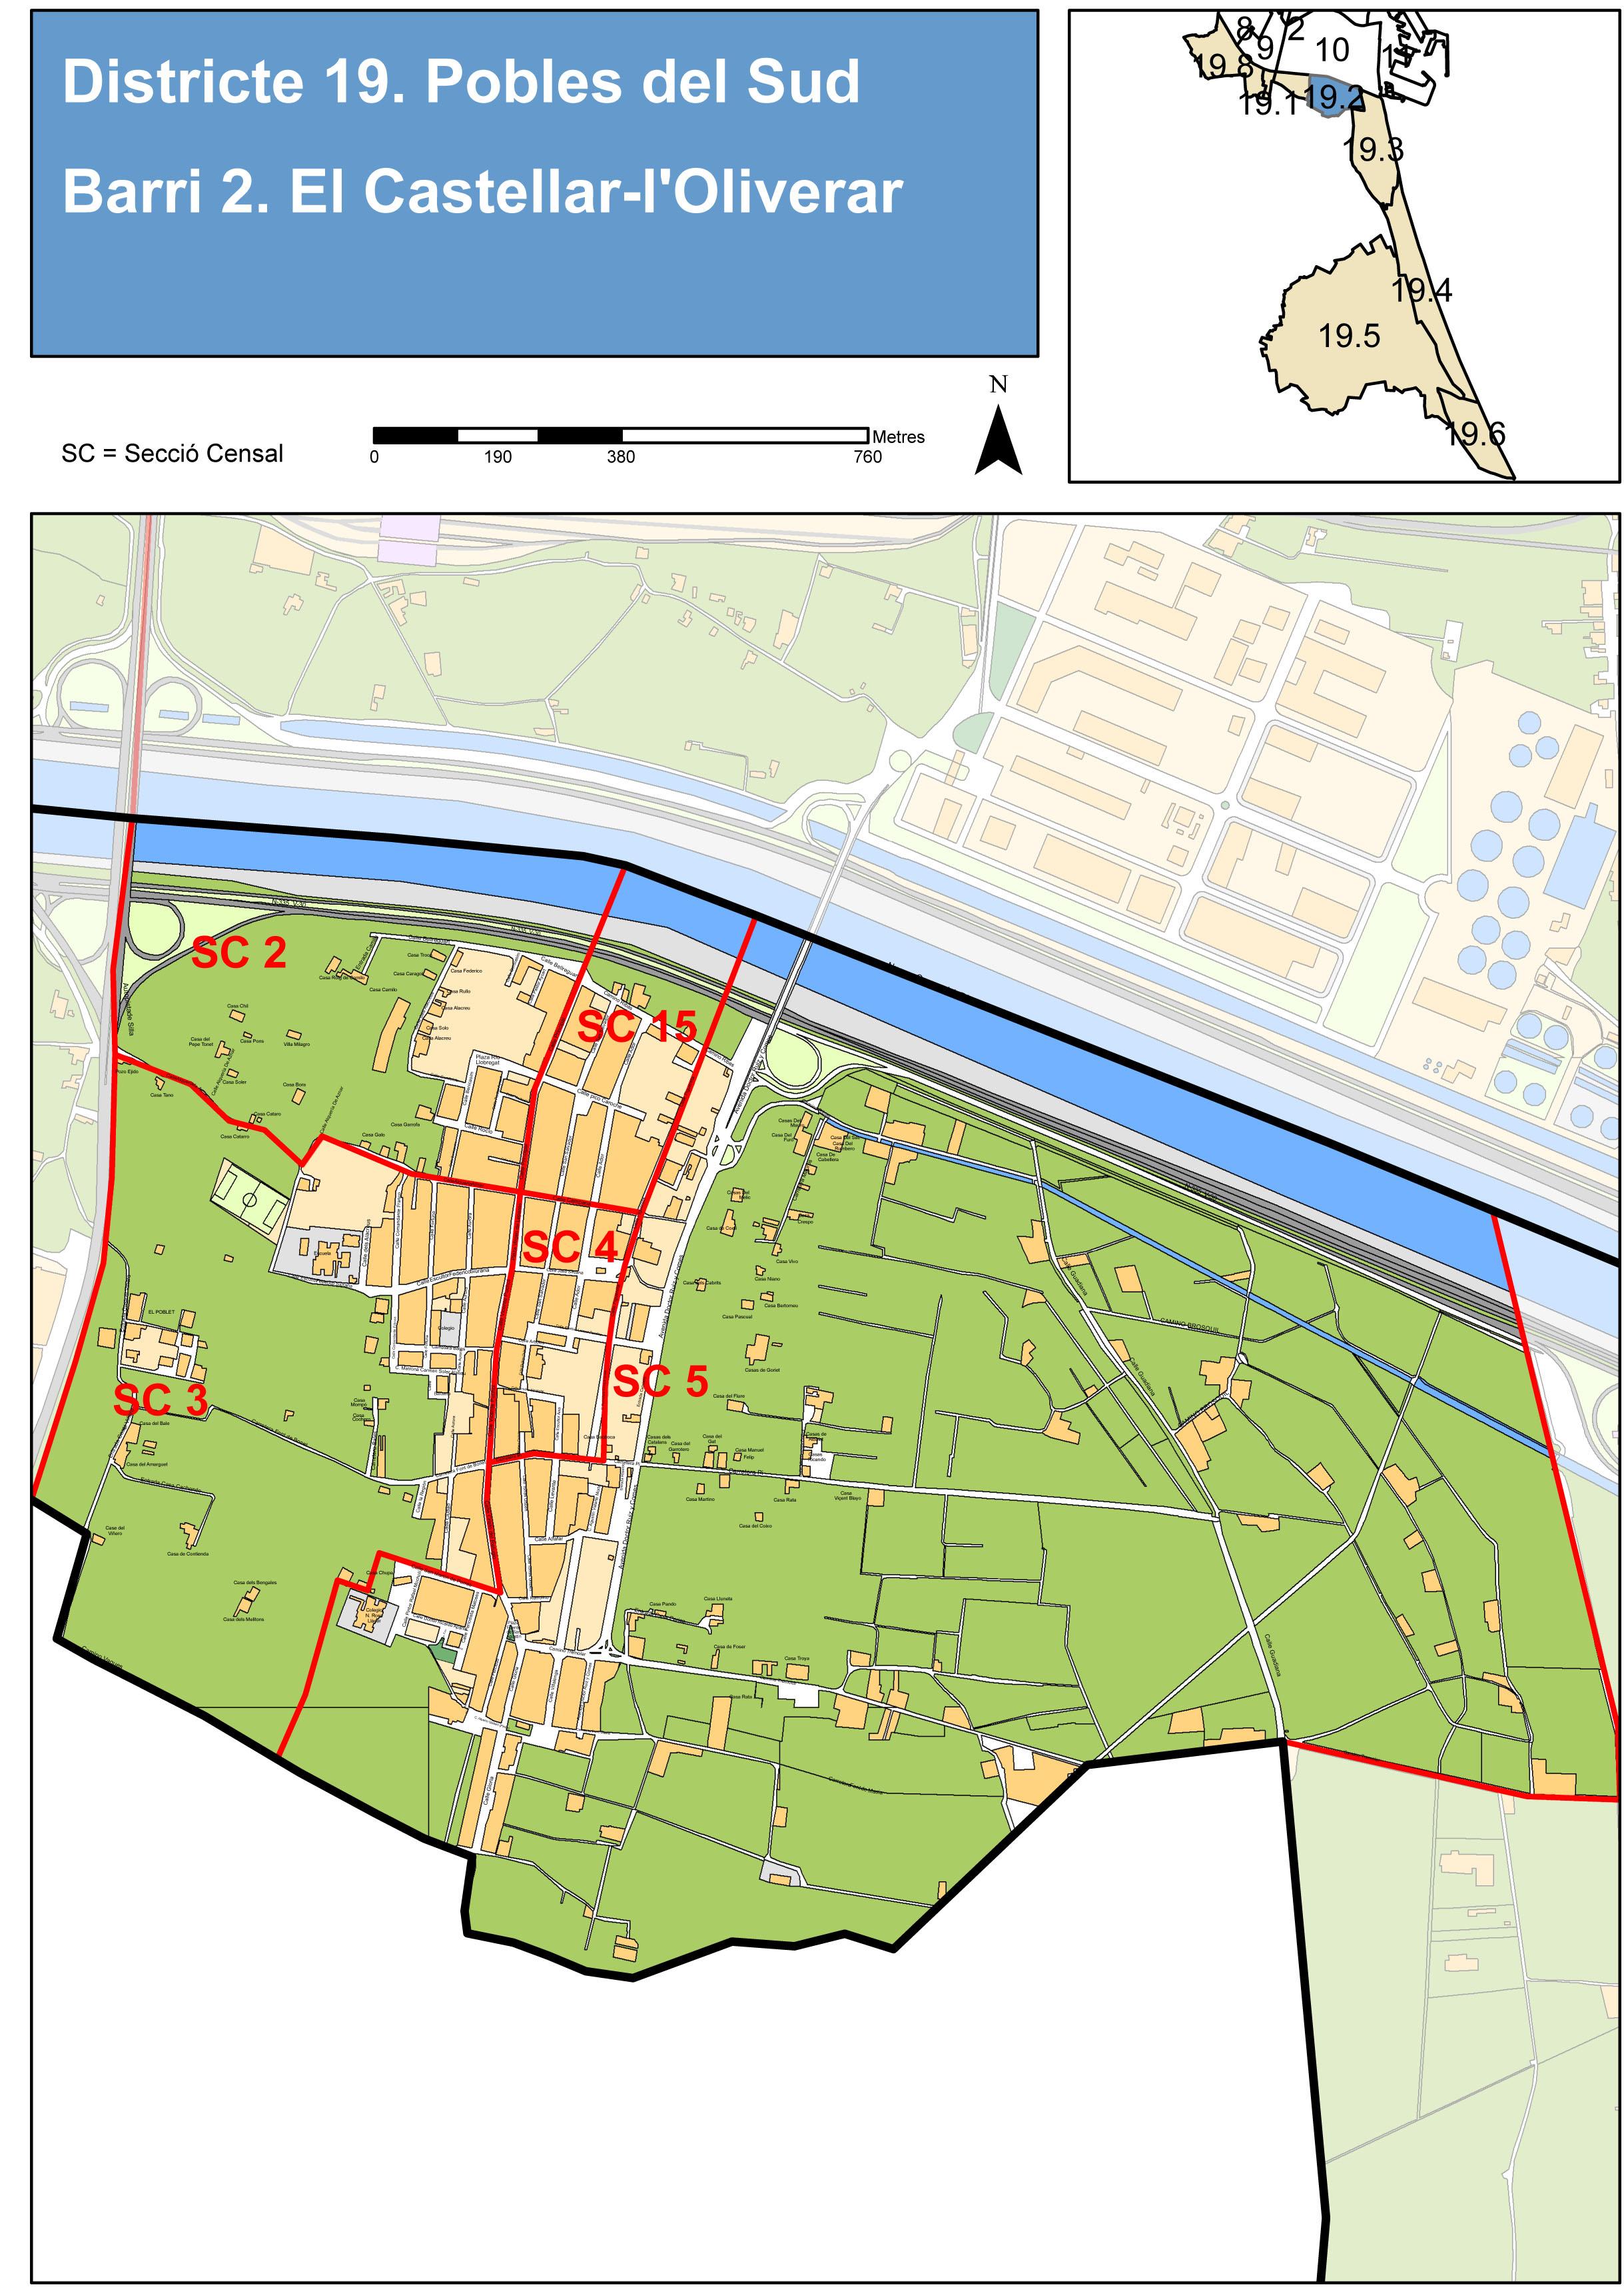 Castellar-L'Oliveral, city of Valencia